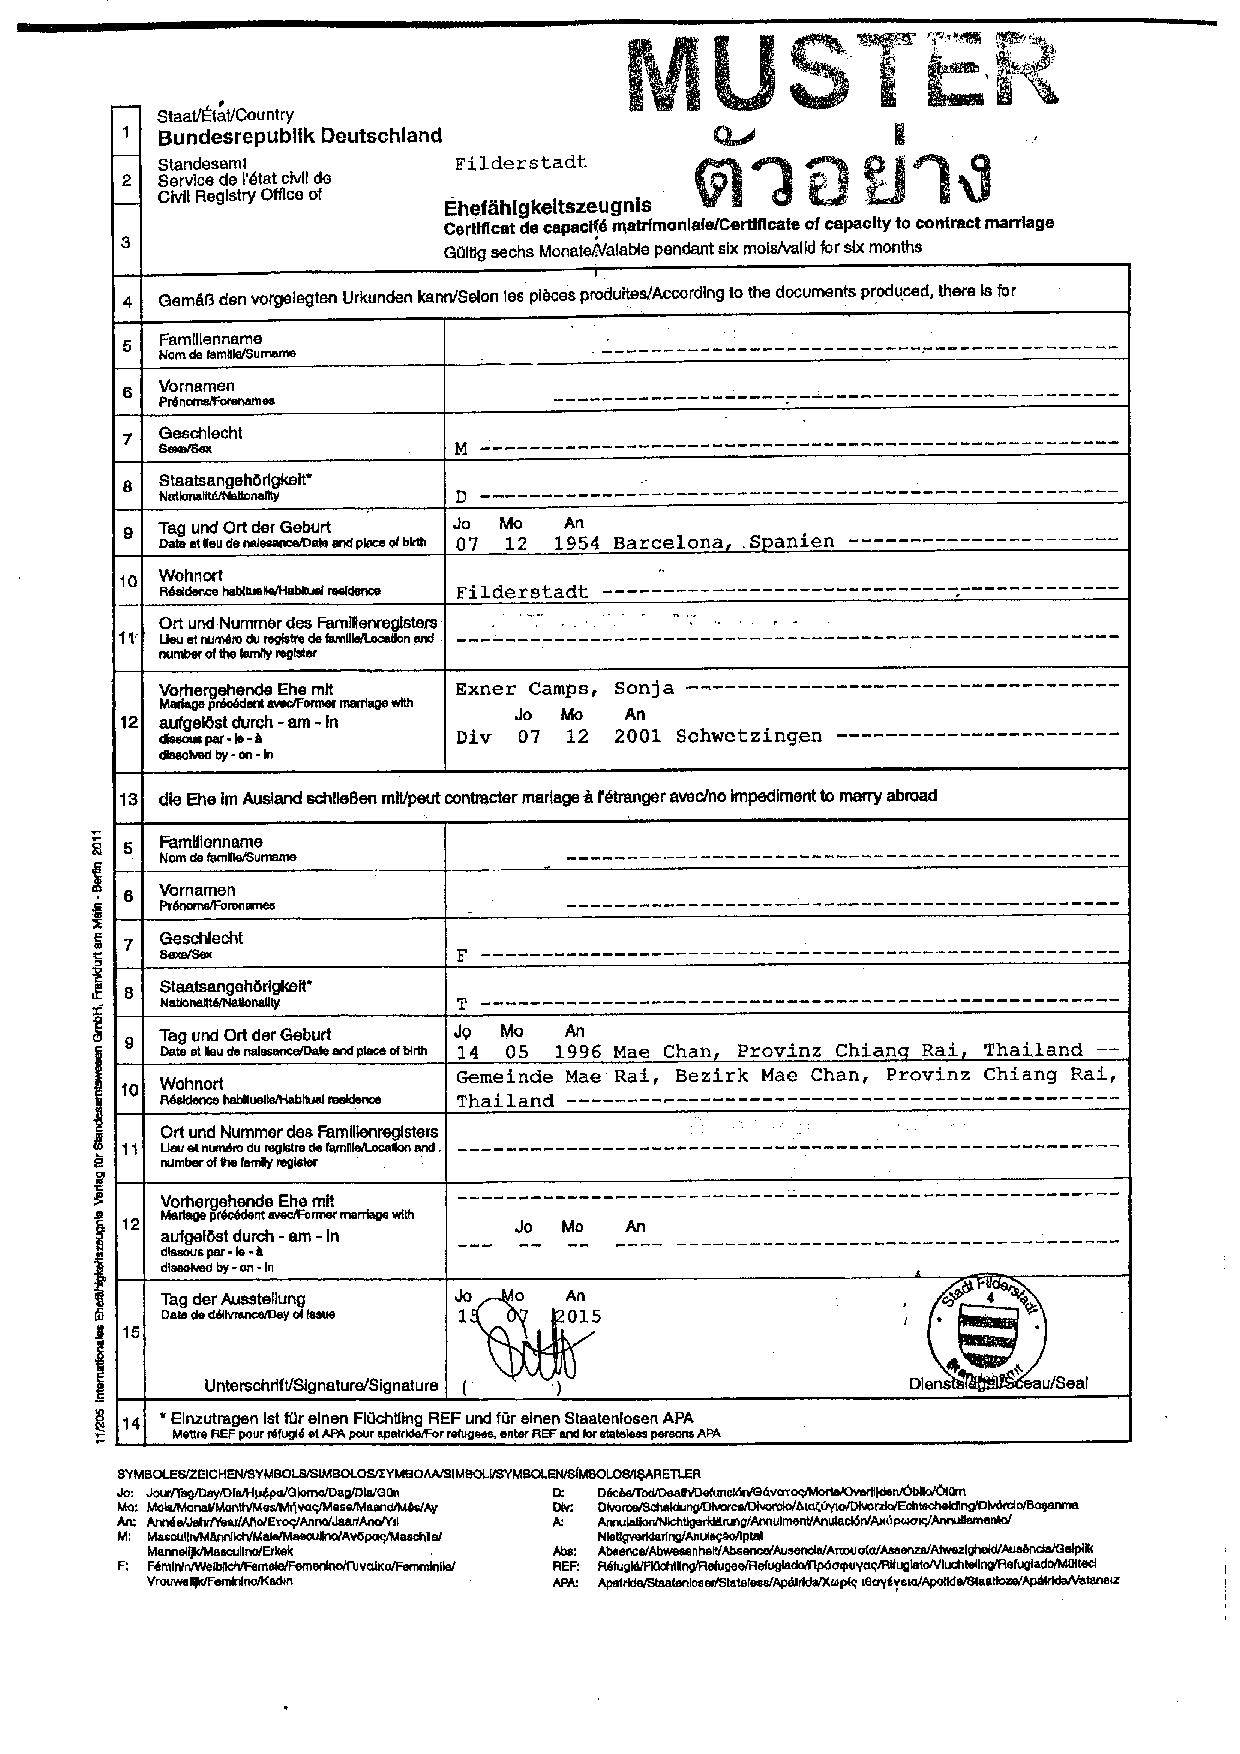 ตัวอย่างใบคุณสมบัติครบถ้วน สำหรับจดทะเบียนสมรสในประเทศไทย